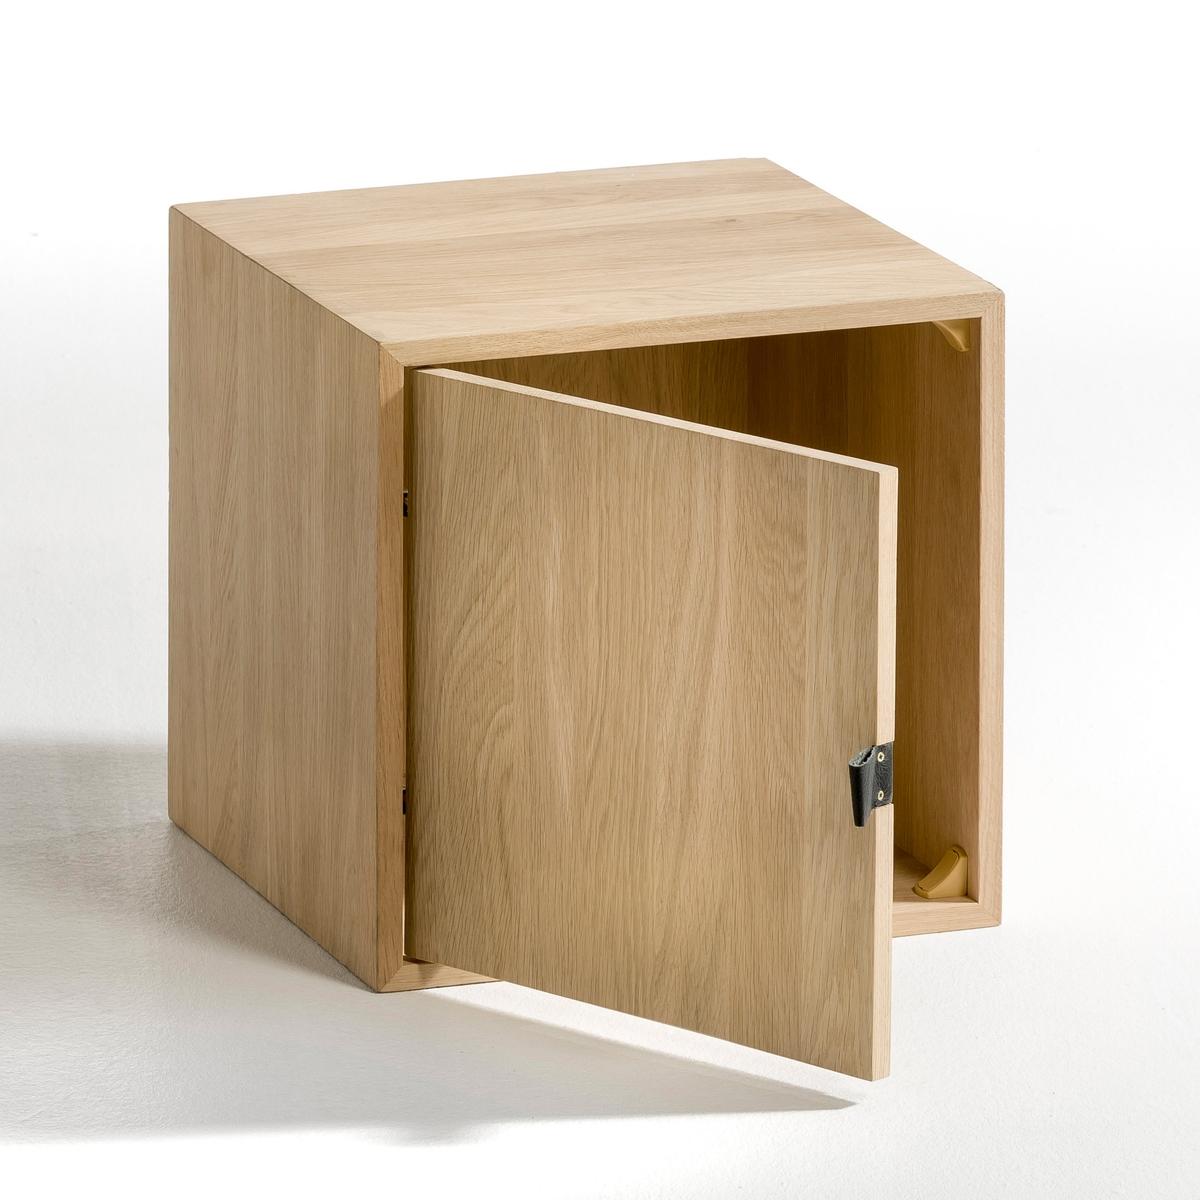 Ящик с 1 дверкой Kouzou, из дубаLa Redoute<br>Характеристики:- Ящик с 1 дверкой.- Из массива дуба.- Дверка с кожаной ручкой .Размеры: 34,7 x 34,7 x 34,7 см.<br><br>Цвет: натуральный дуб